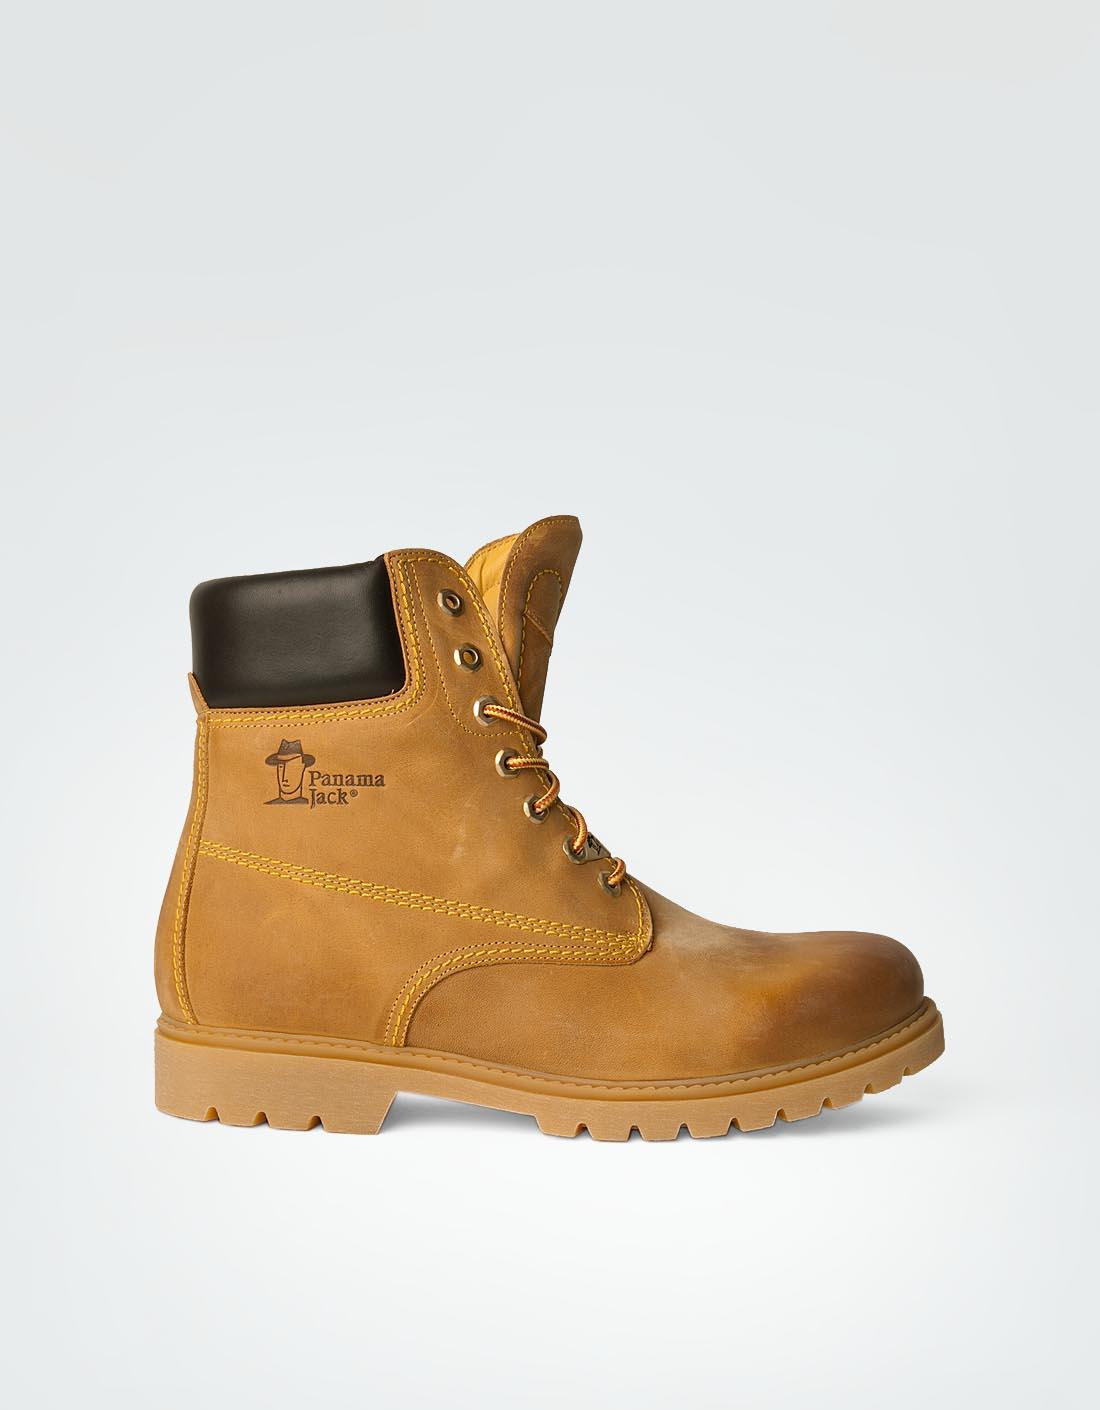 panama jack damen panama boots aus nubukleder empfohlen von deinen schwestern. Black Bedroom Furniture Sets. Home Design Ideas